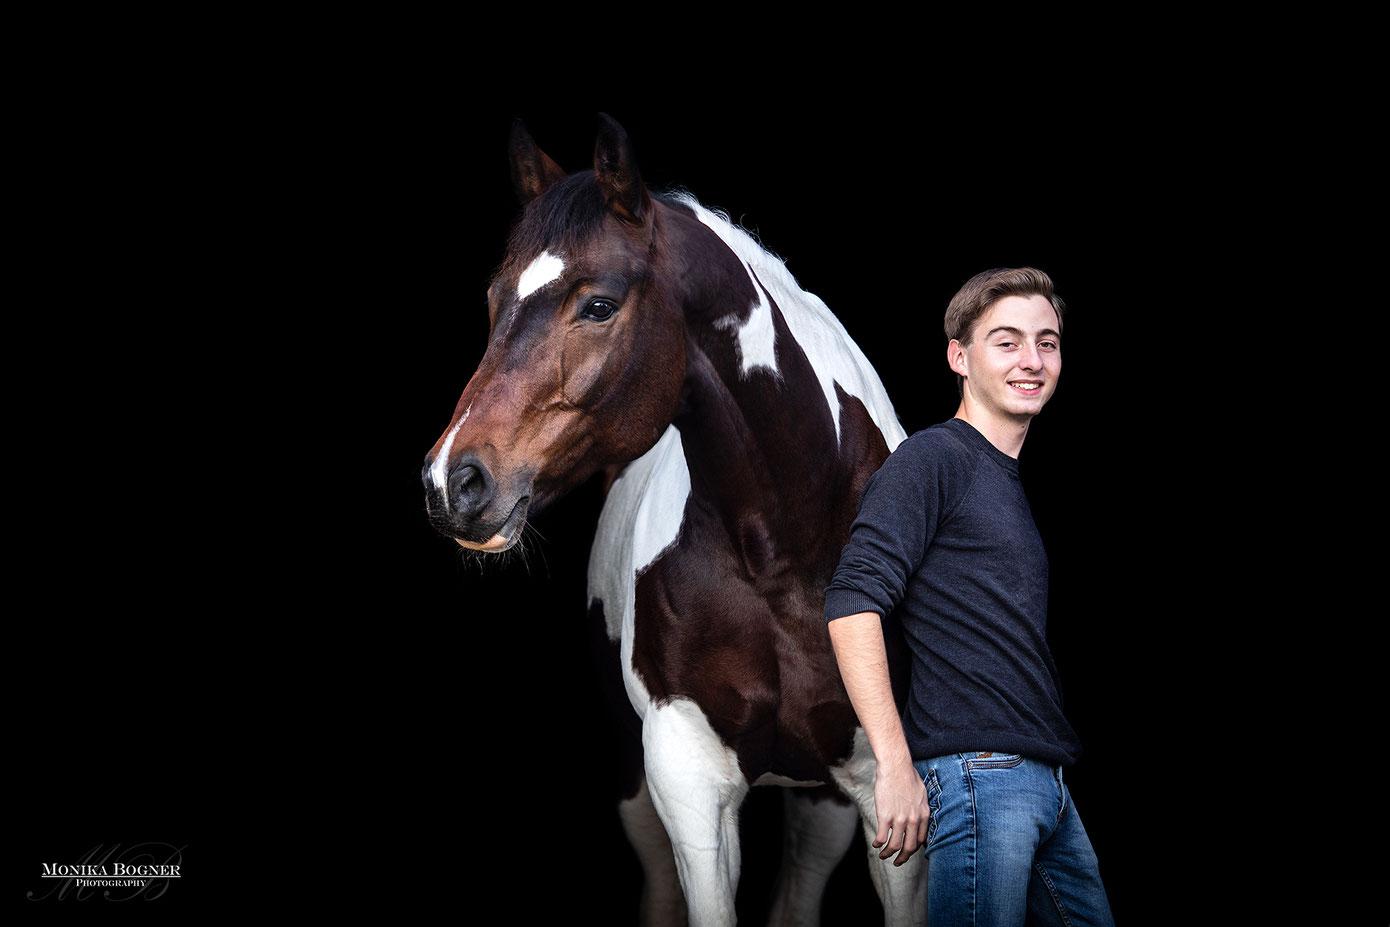 Fotos vor schwarzem Hintergrund mit Pferd und Mensch, Pinto, springpferd